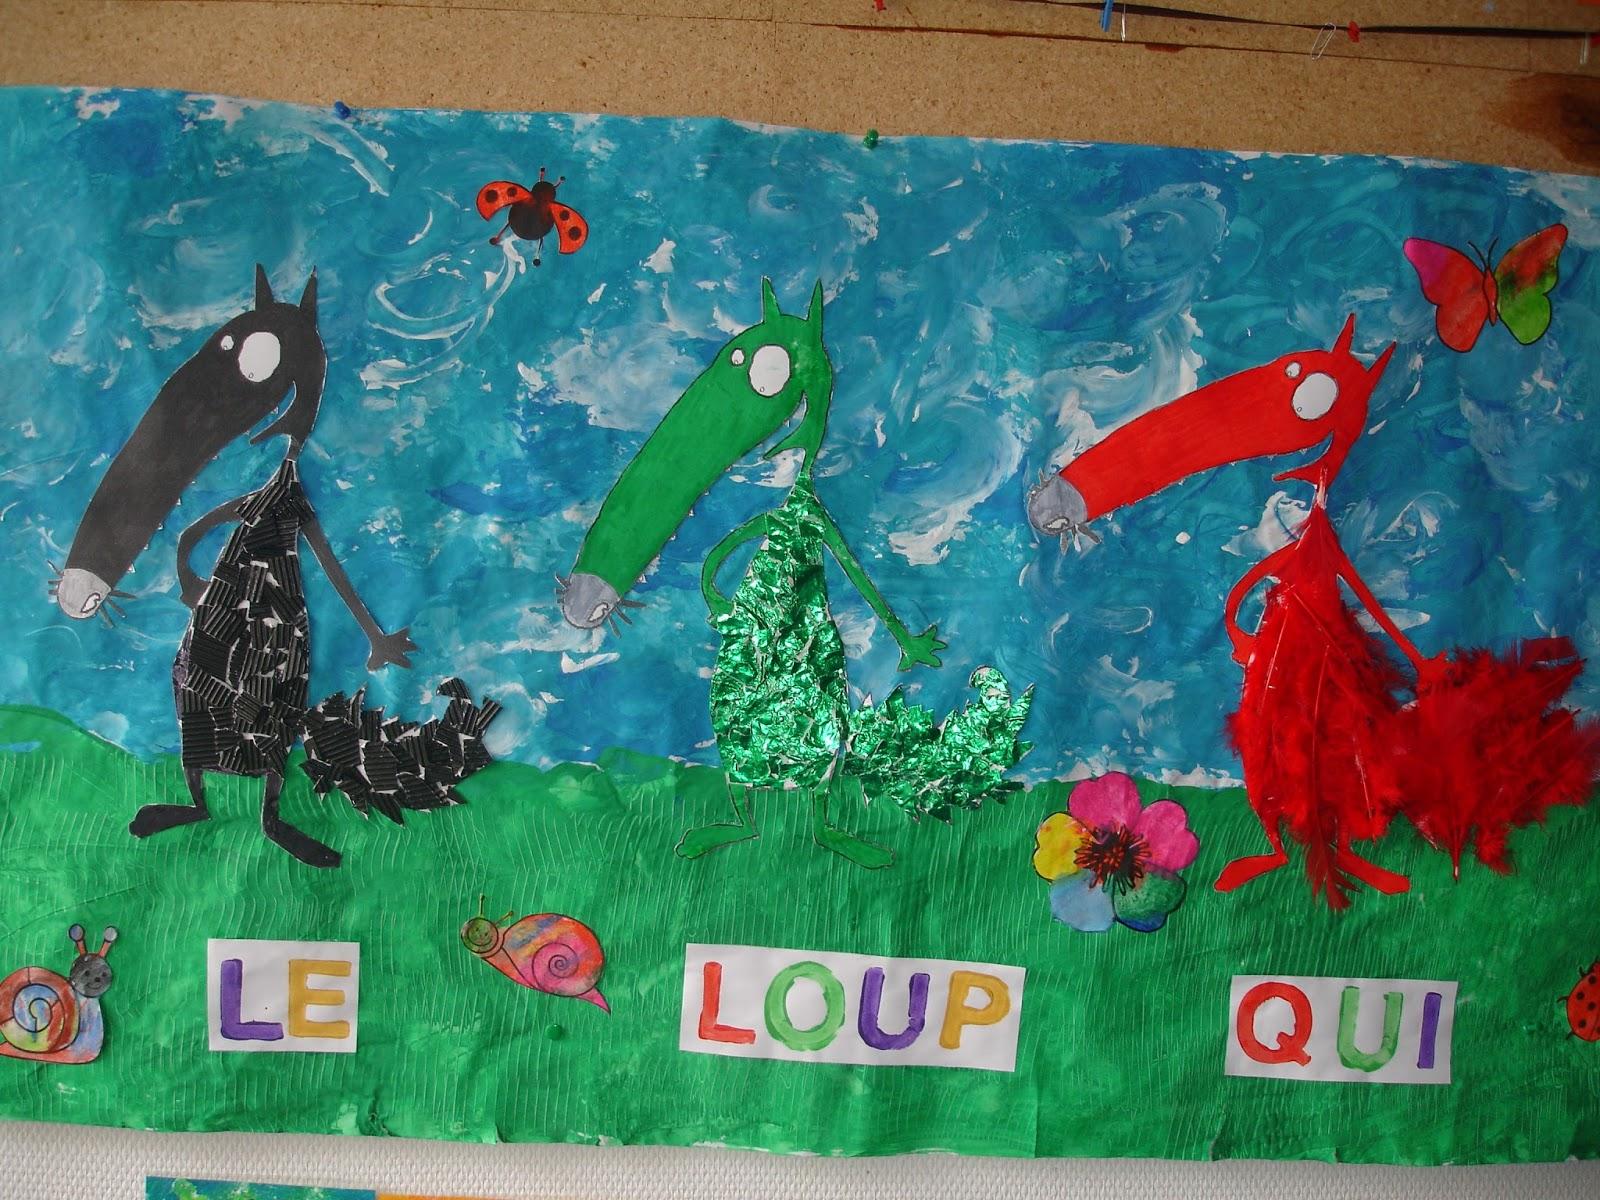 ecole-villers-bocage: Le loup qui voulait changer de couleur